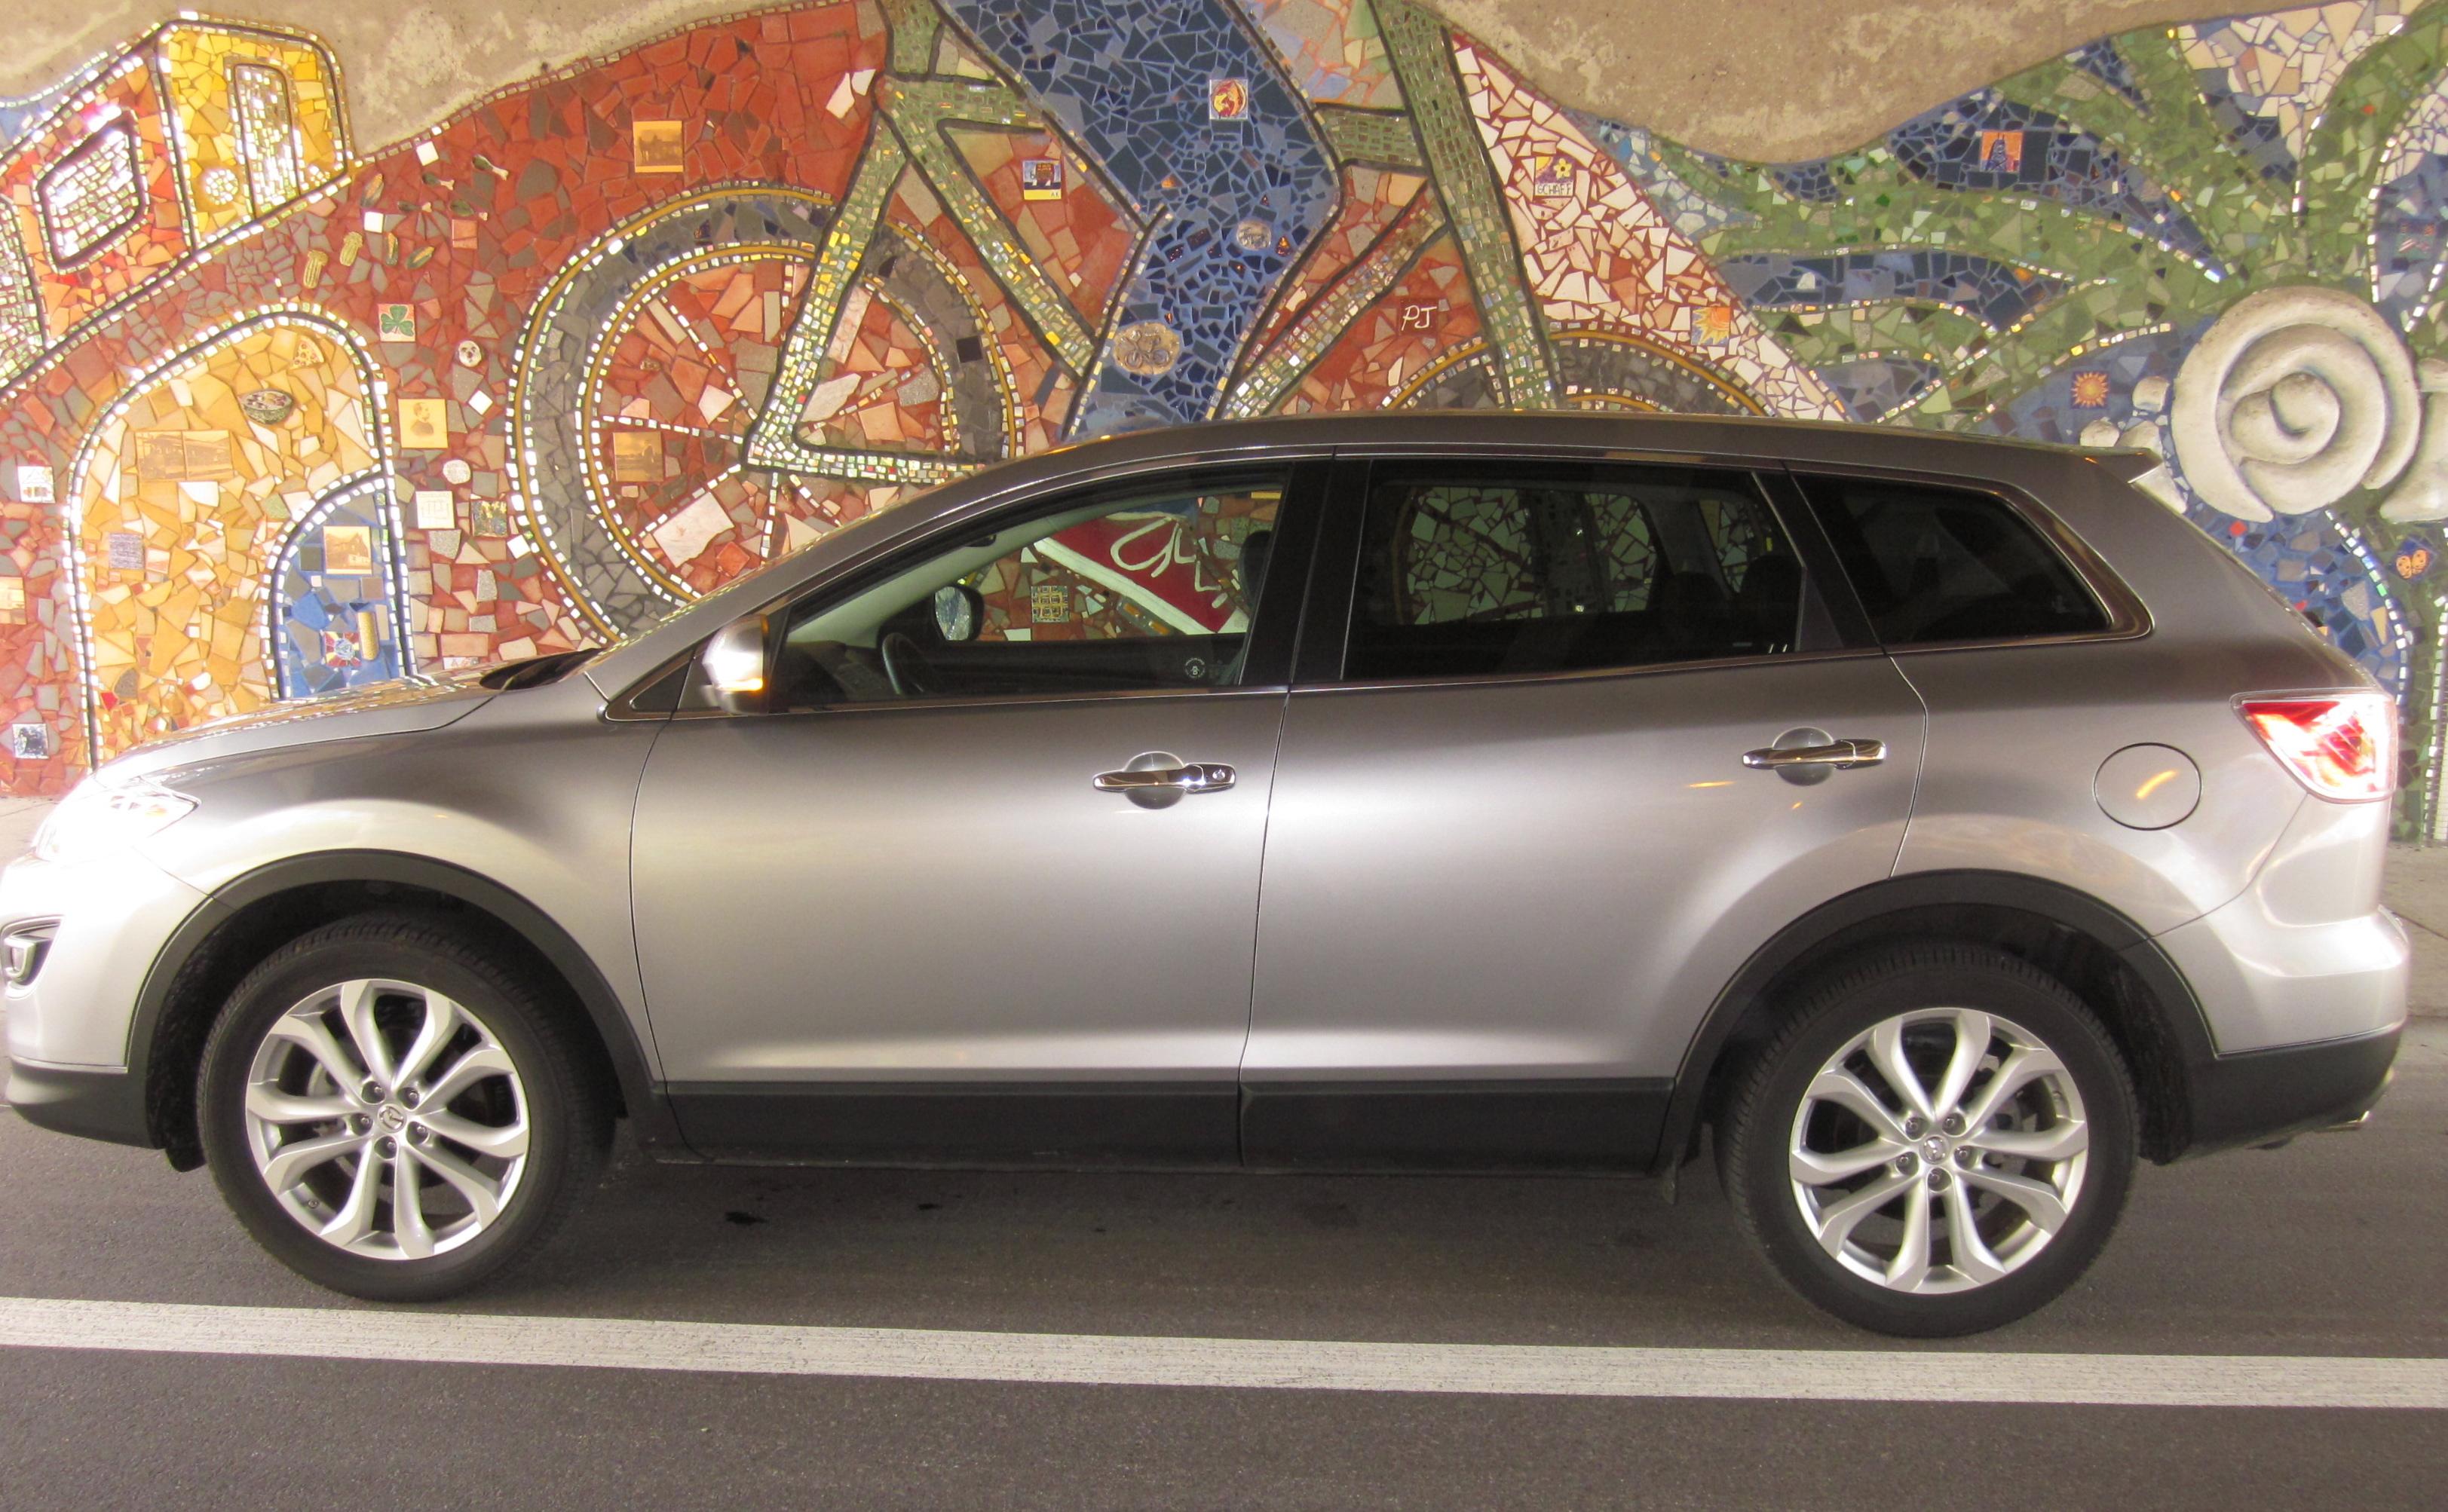 Mazda Cx 9 >> 2011 MAZDA CX-9 - Image #18